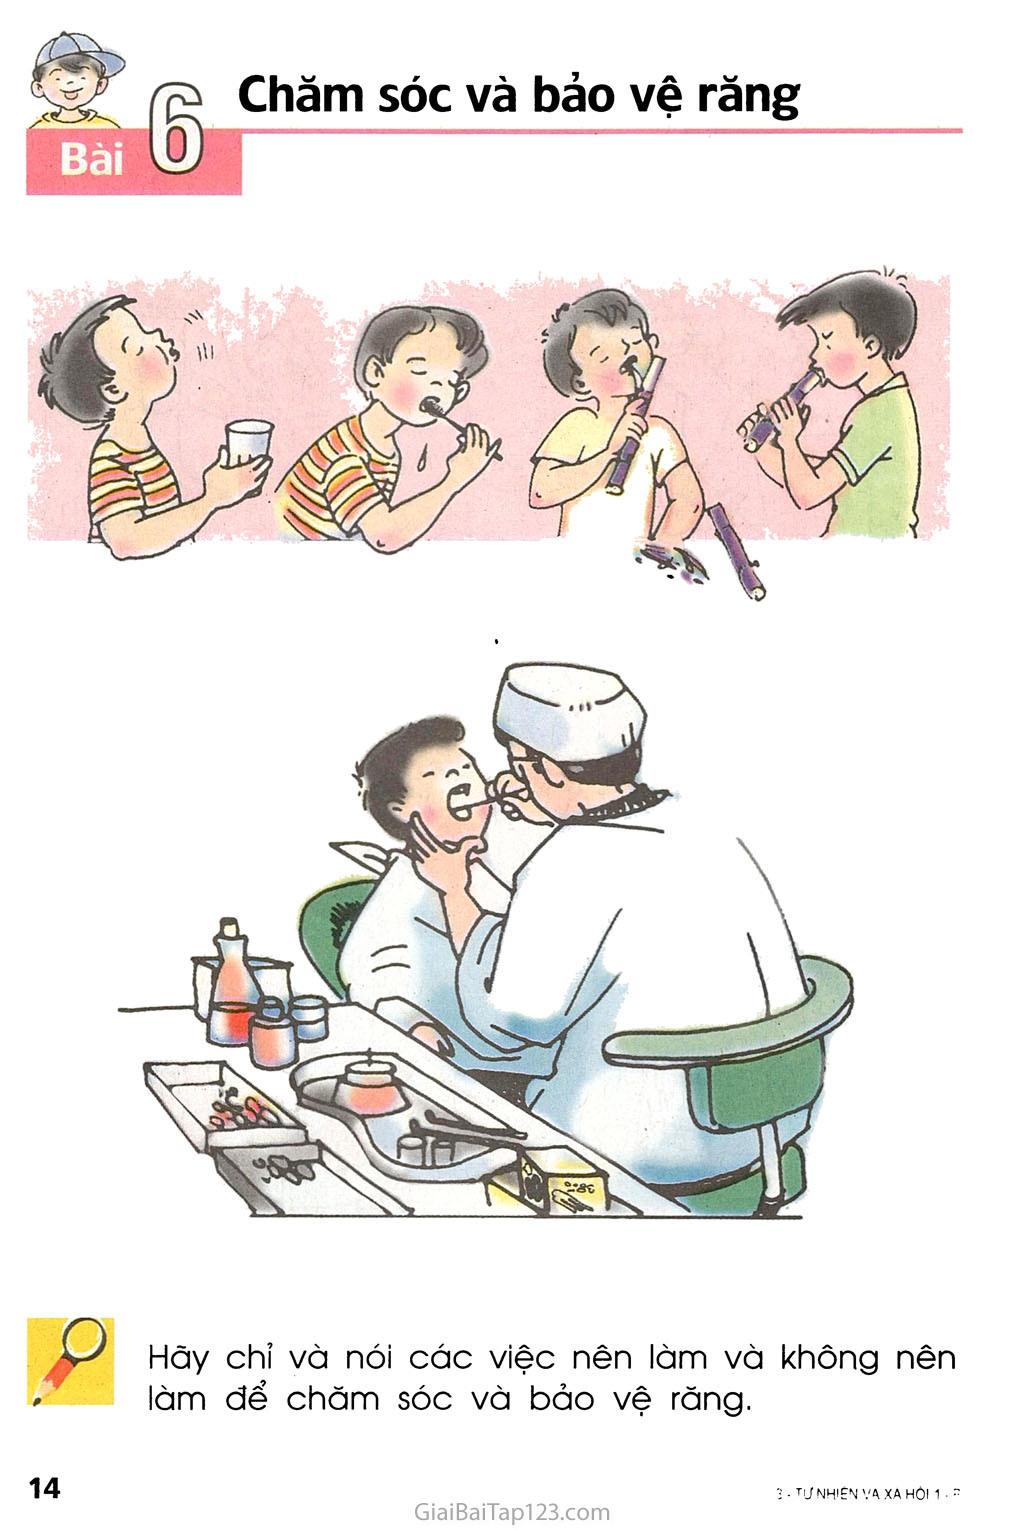 Bài 6. Chăm sóc và bảo vệ răng trang 1